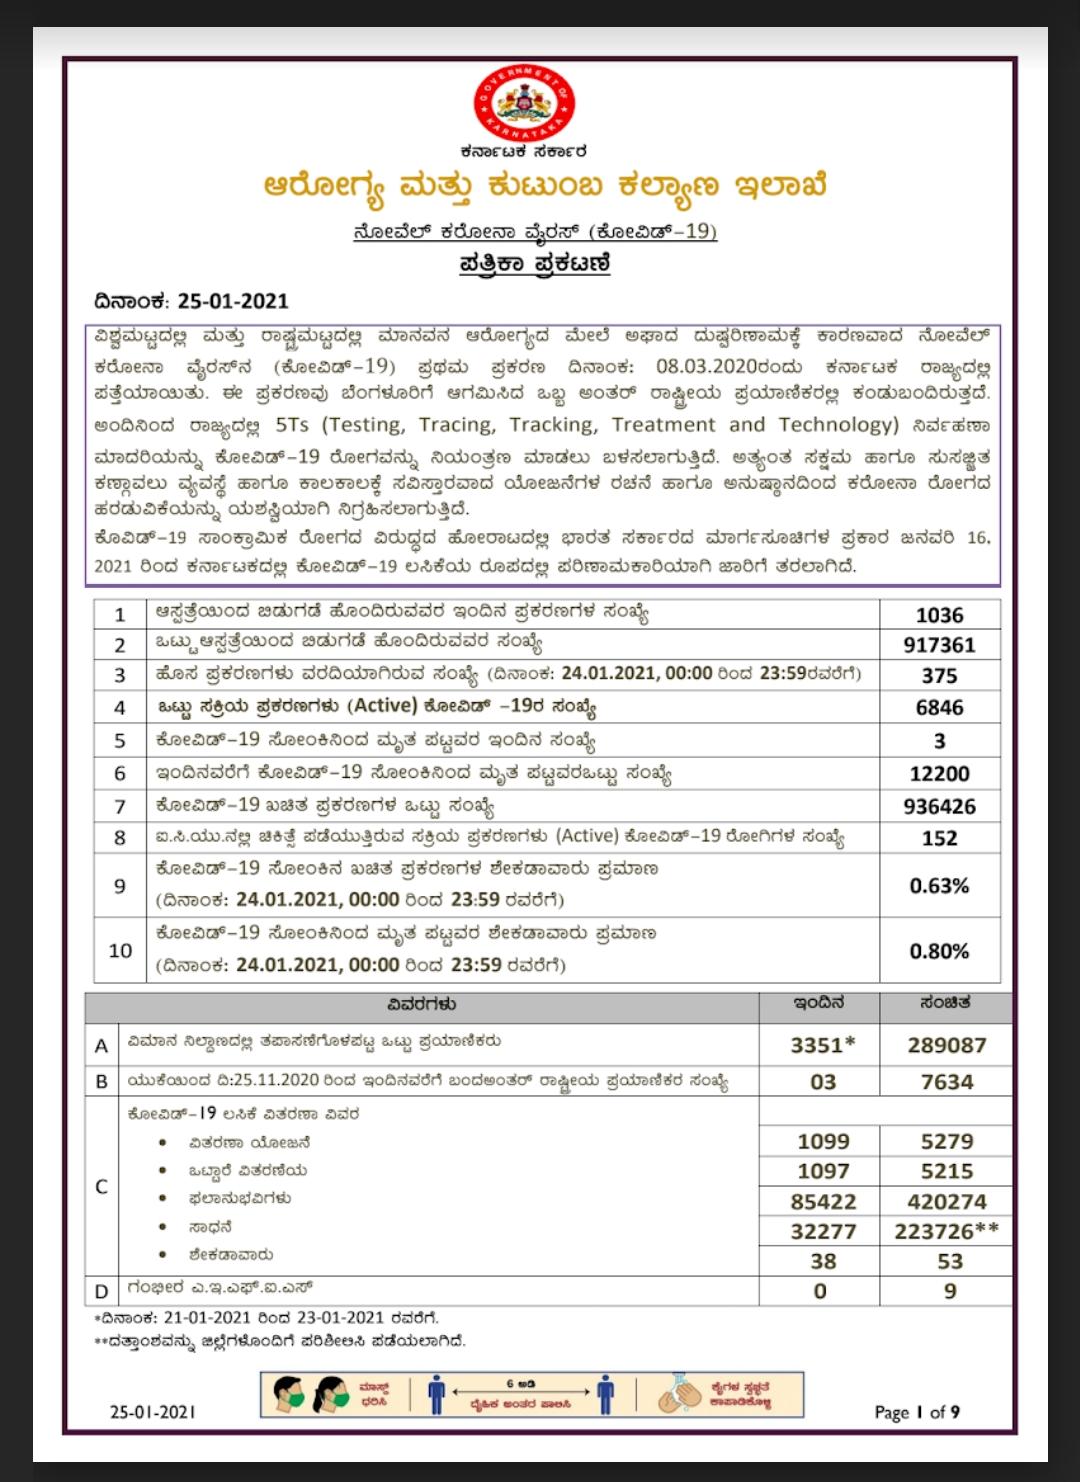 25-01-2021 Today kovid-19 health bulletin